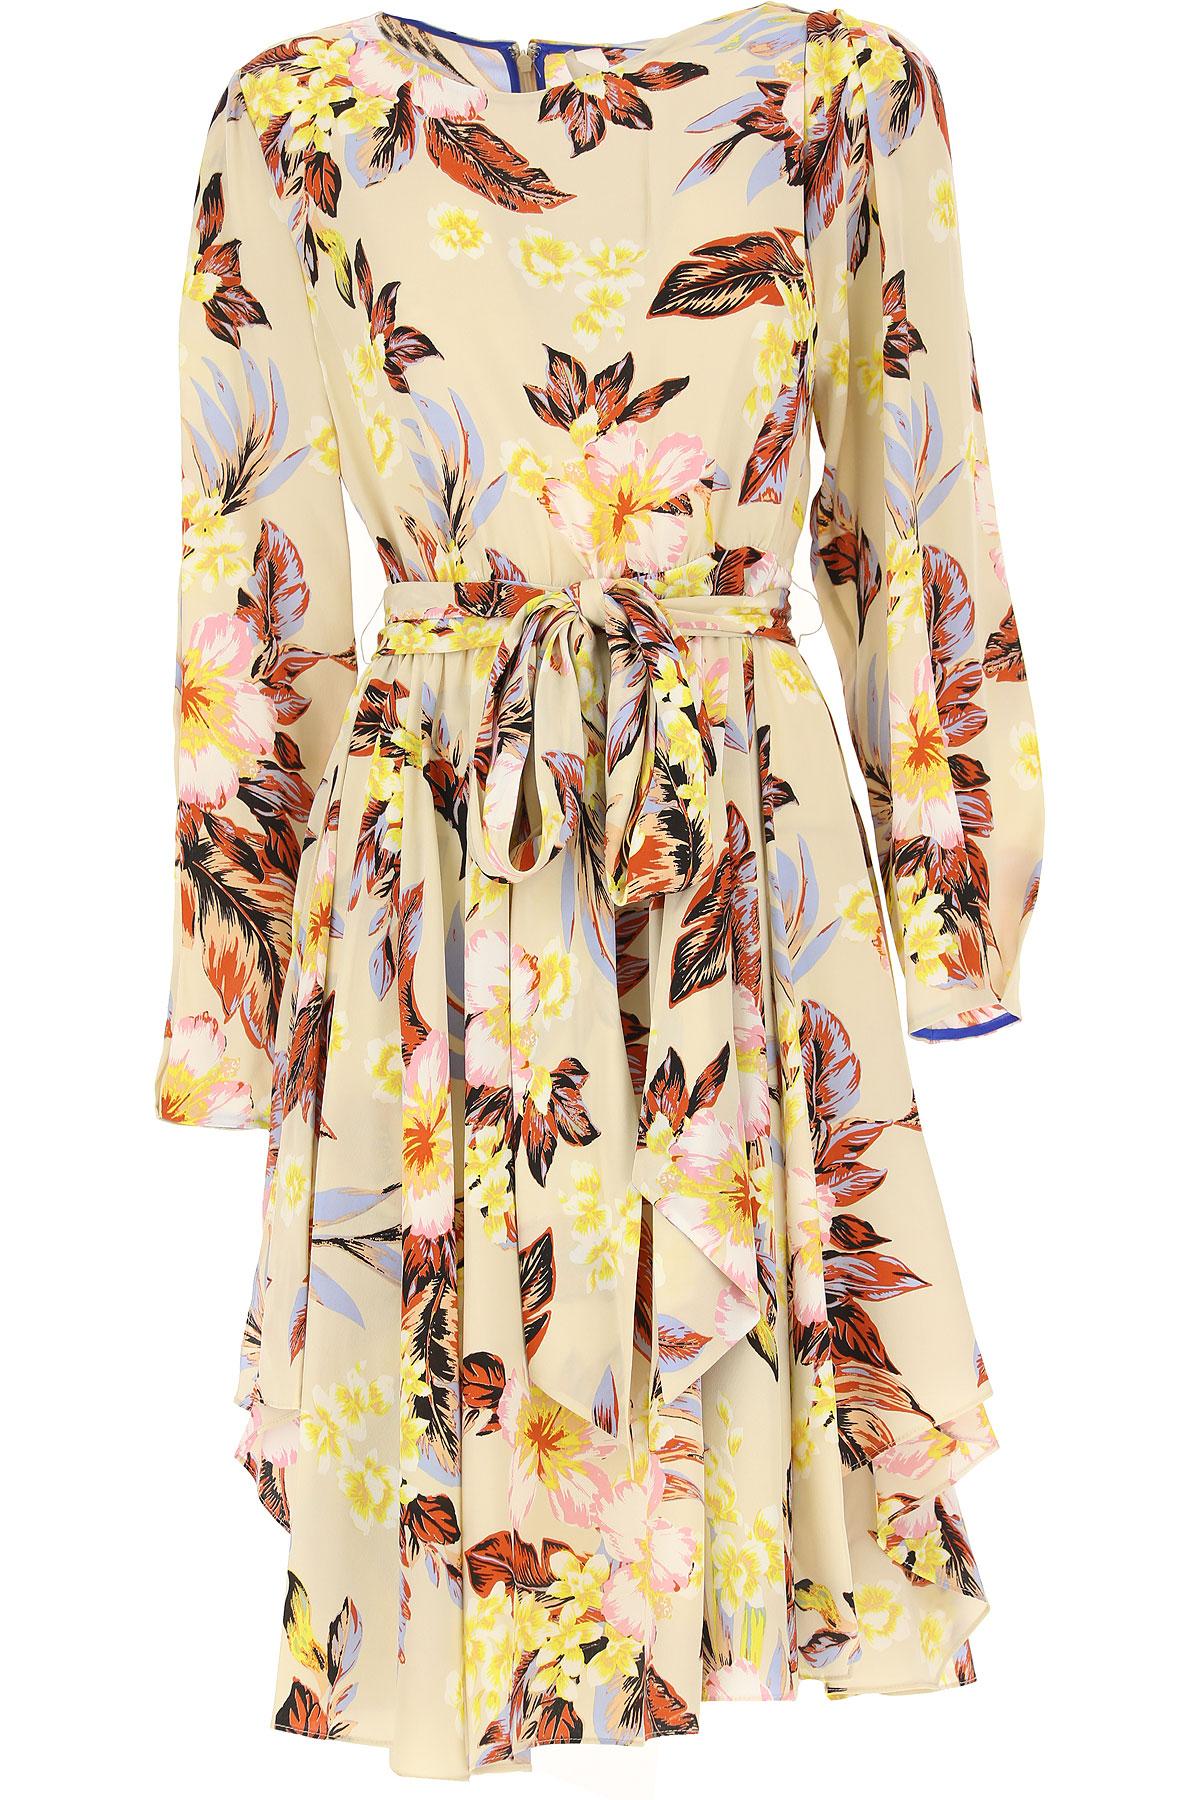 Image of Diane Von Furstenberg Dress for Women, Evening Cocktail Party, Beige, Silk, 2017, USA 2 - IT 38 USA 4 - IT 40 USA 6 - IT 42 USA 8 - IT 44 USA 10 - IT 46